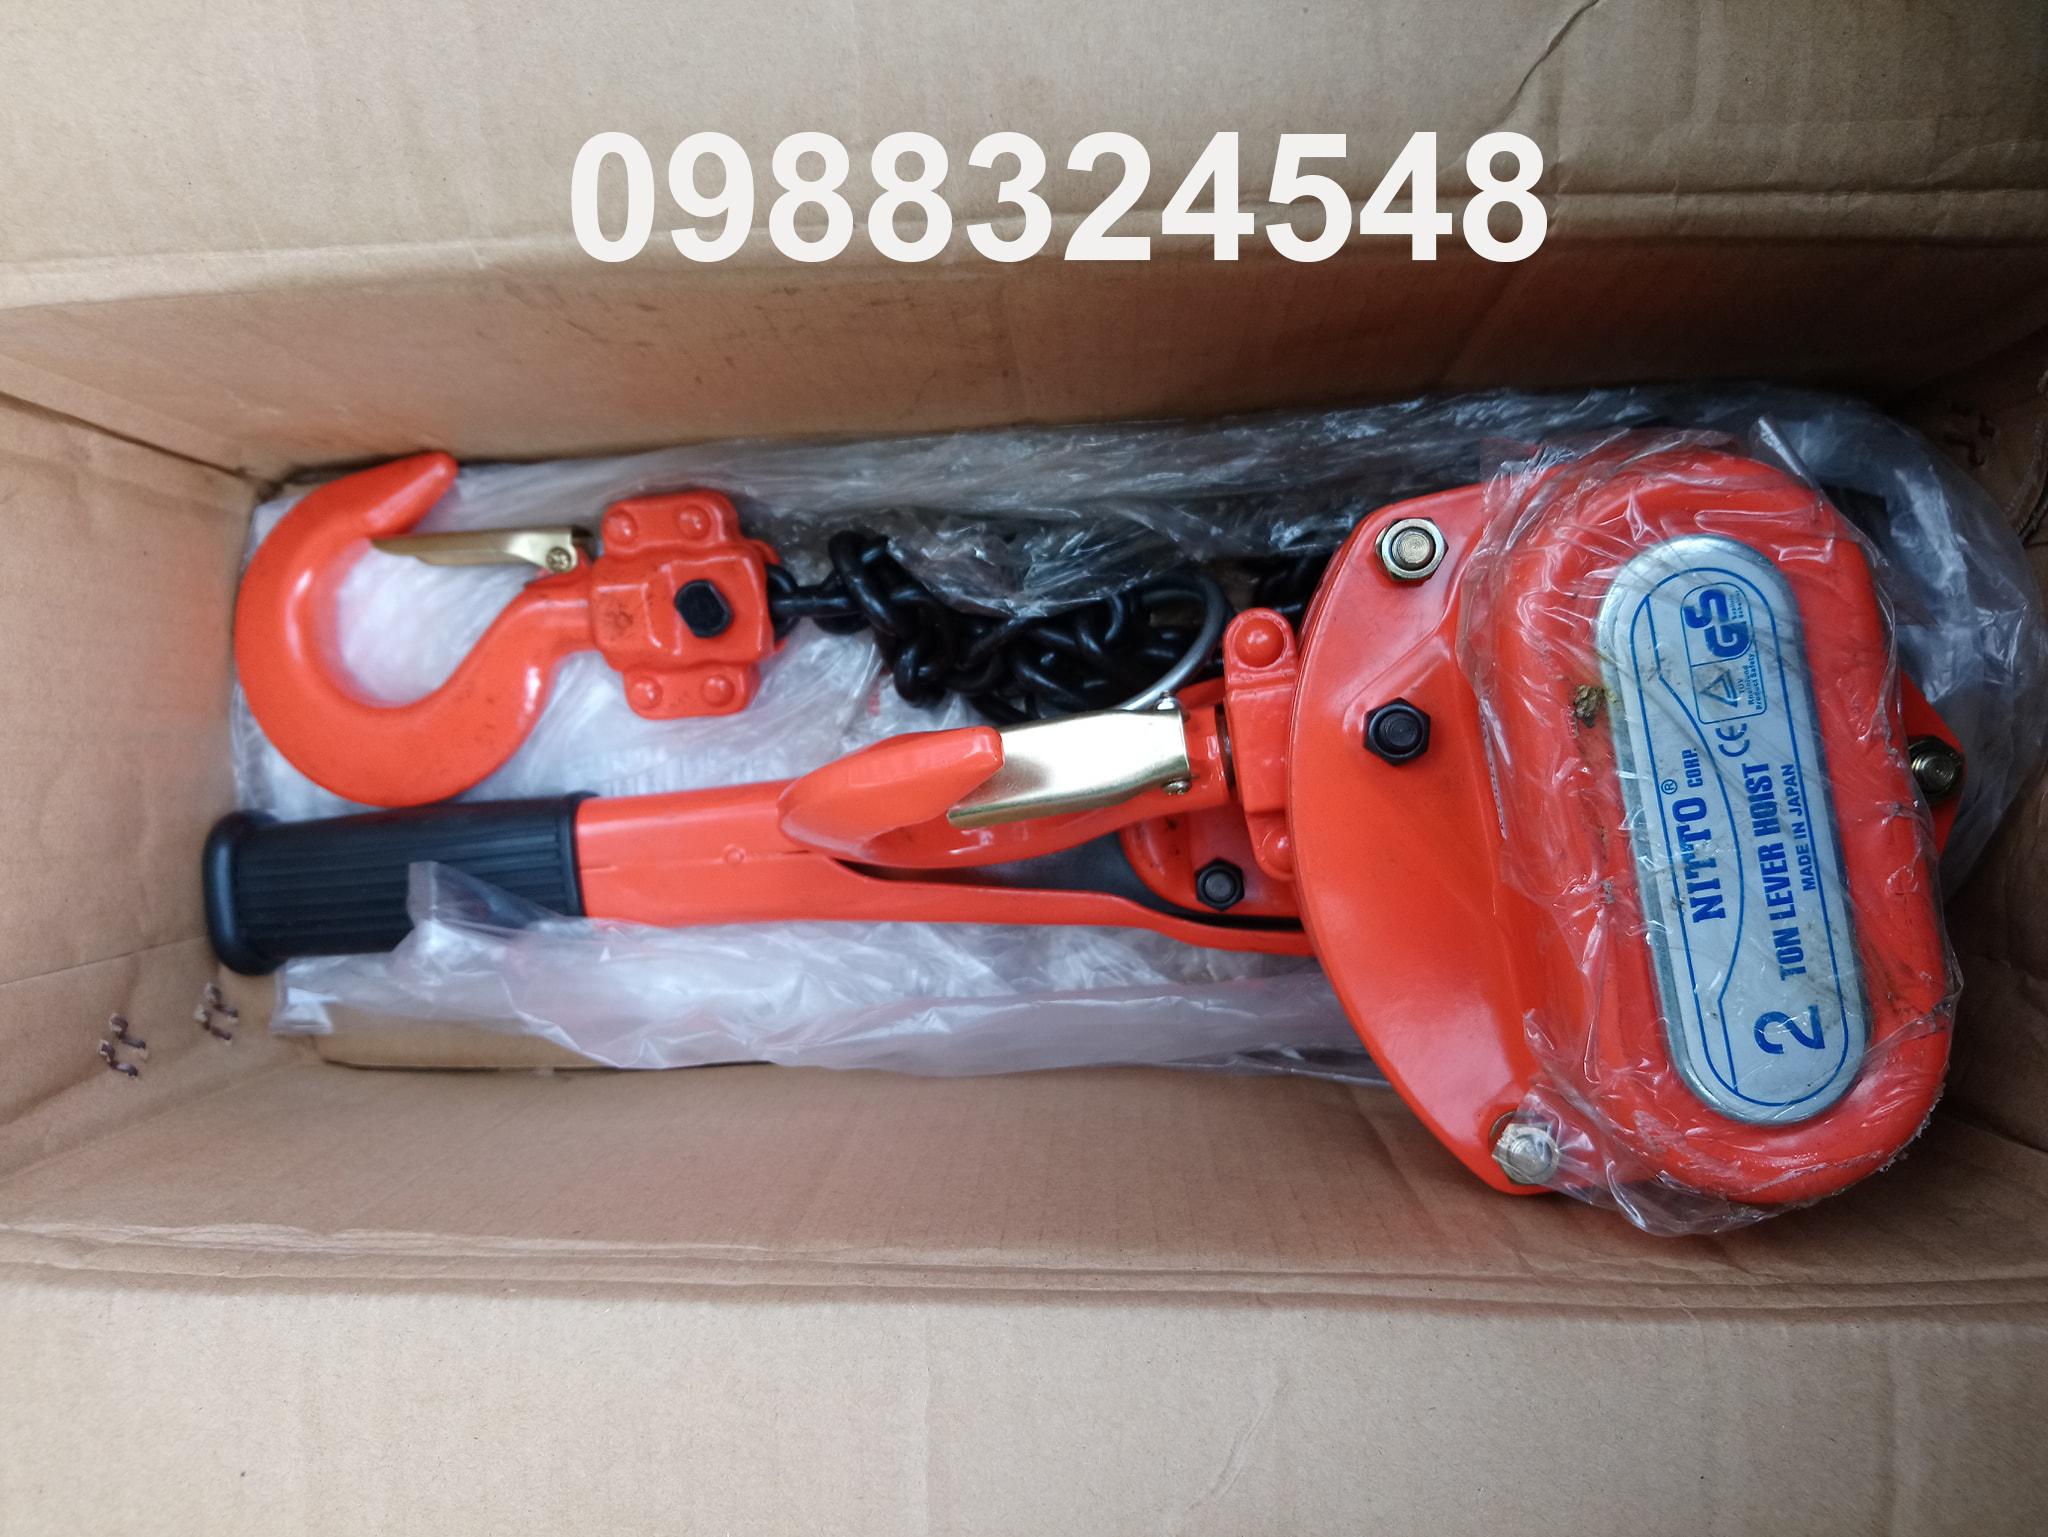 Pa lăng lắc tay Nitto VR-20, tải trọng: 2 tấn